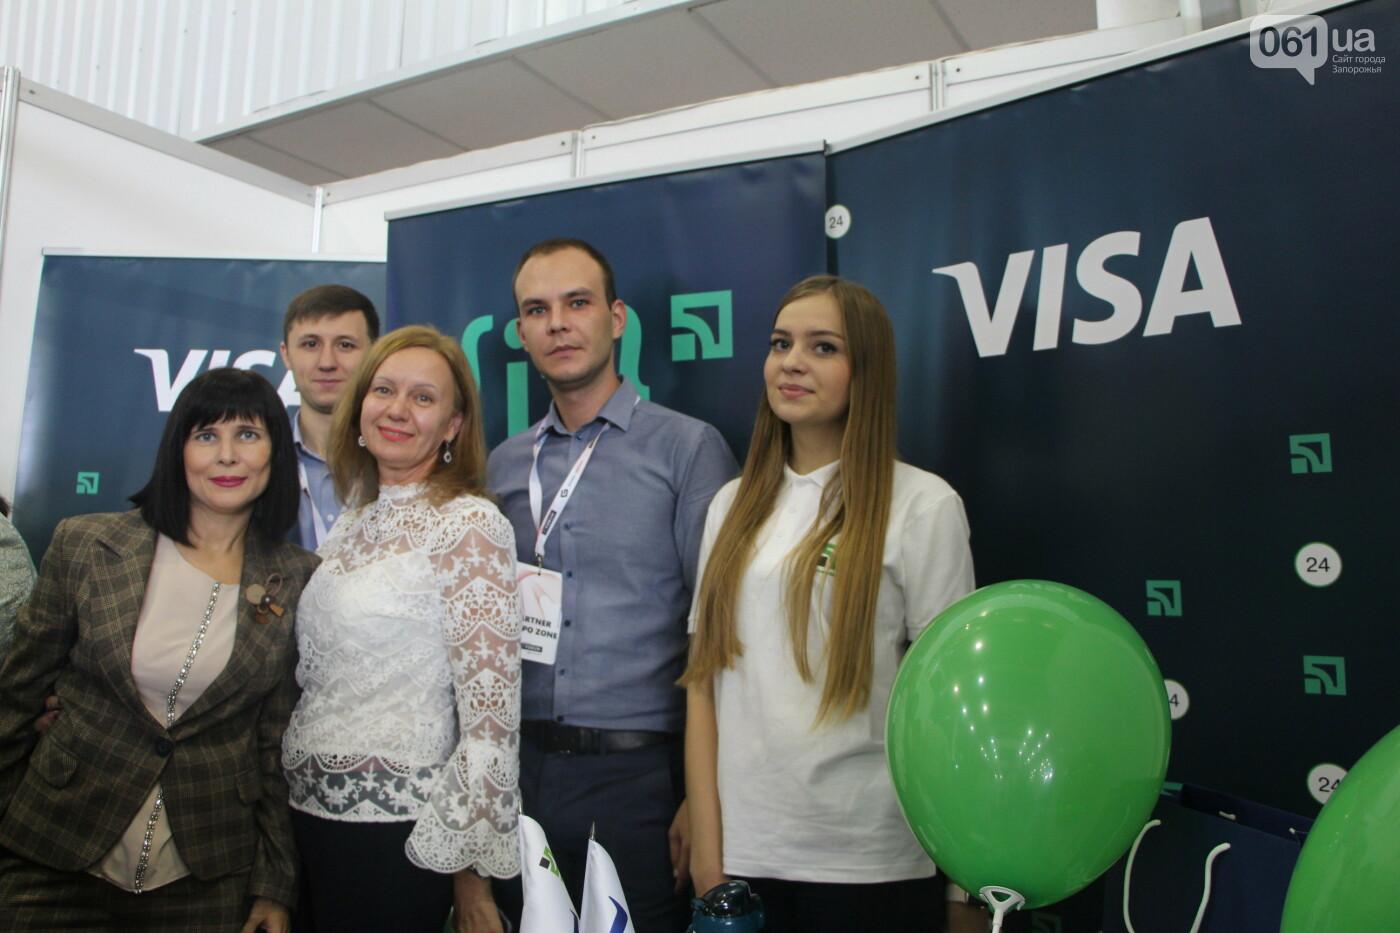 ПриватБанк презентовал свои услуги для фрилансеров и IT-специалистов на International IT Forum 2019, фото-3